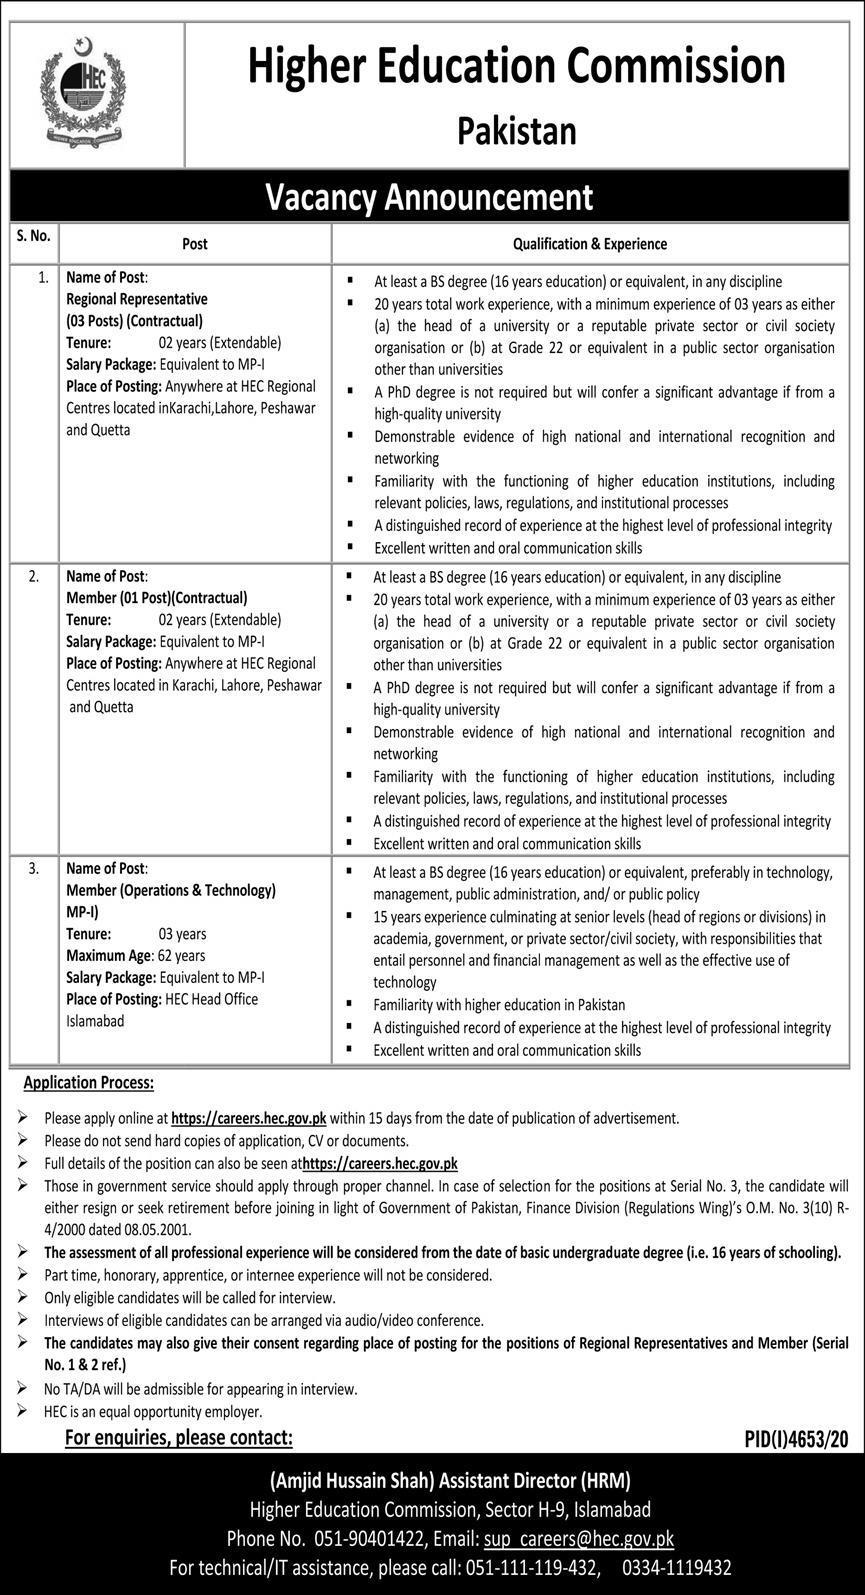 www.hec.gov.pk Jobs 2021 - Higher Education Commission Jobs 2021 - HEC Jobs 2021 - Punjab Jobs 2021 - www.careers.hec.gov.pk